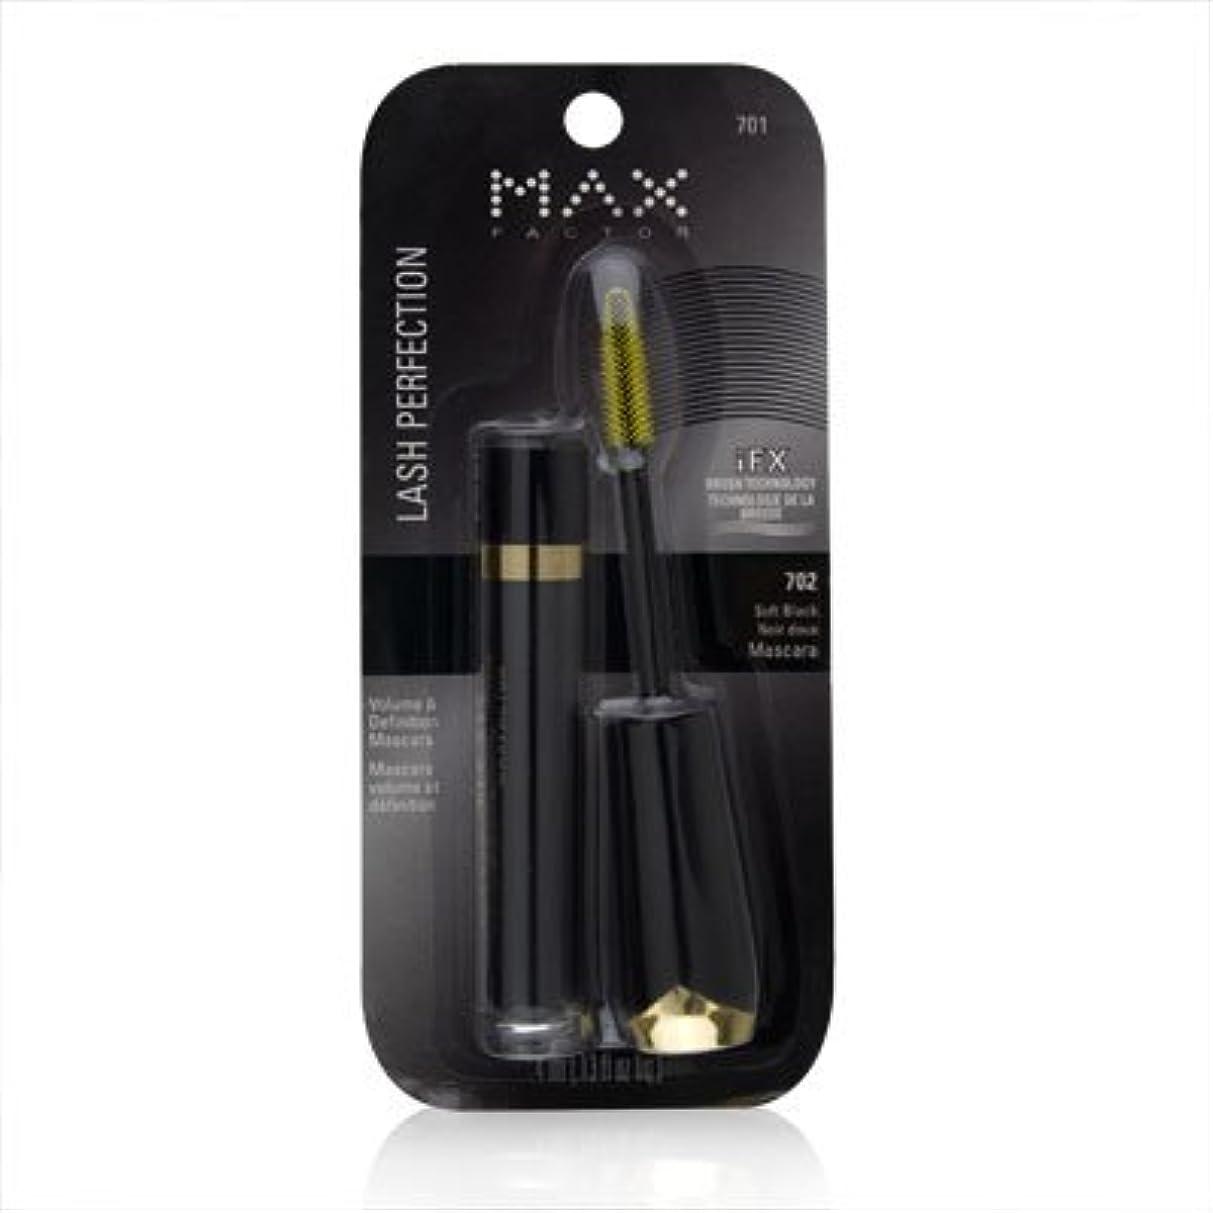 スライス説教ペストリーMax Factor Lash Perfection Volume & Definition Mascara 702 Soft Black by Max Factor